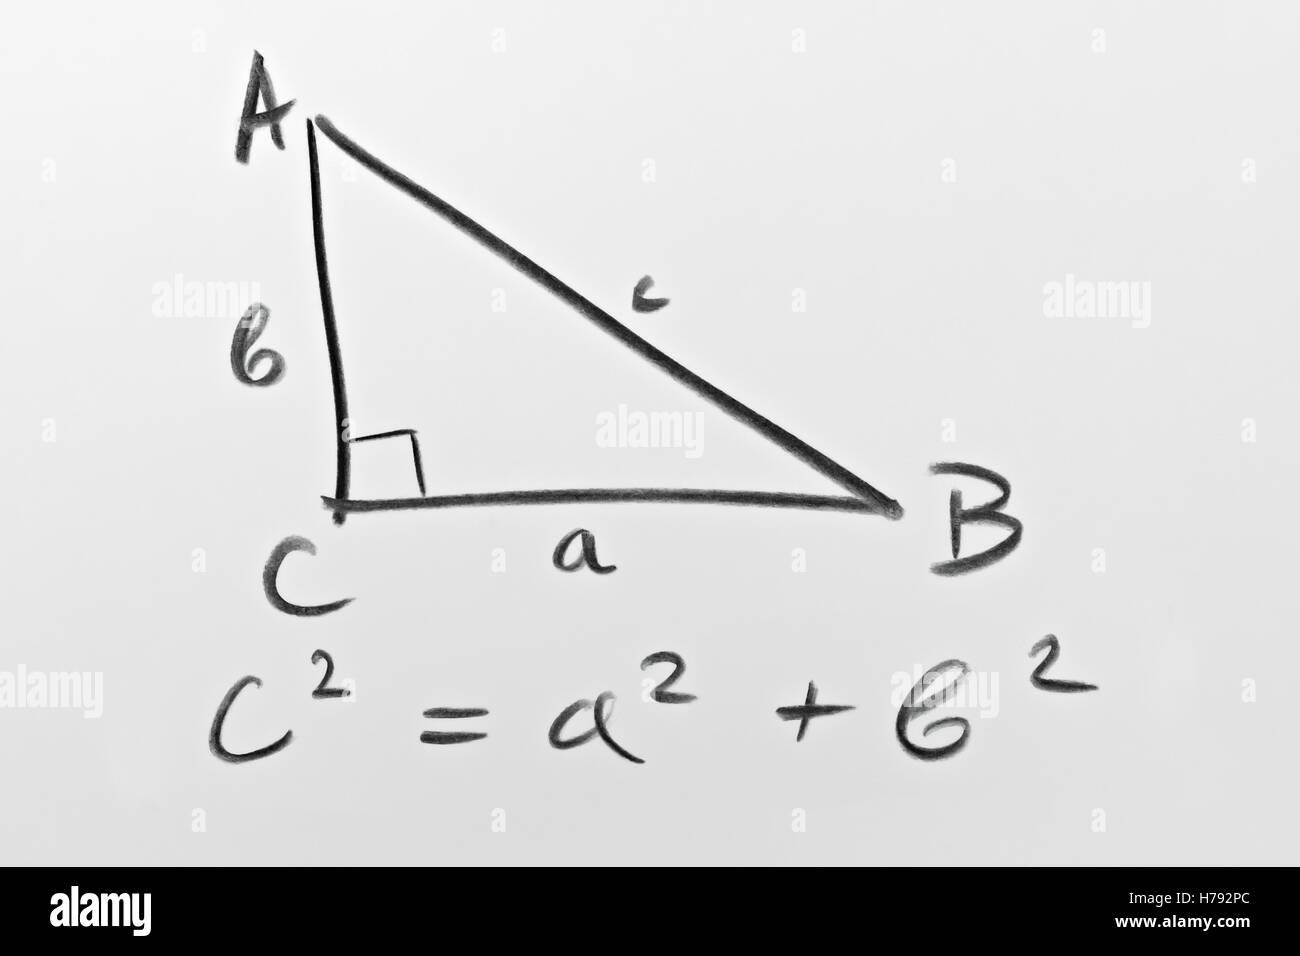 Skizze eines rechtwinkligen Dreiecks und der berühmte Satz des Pythagoras-Formel Stockfoto, Bild ...